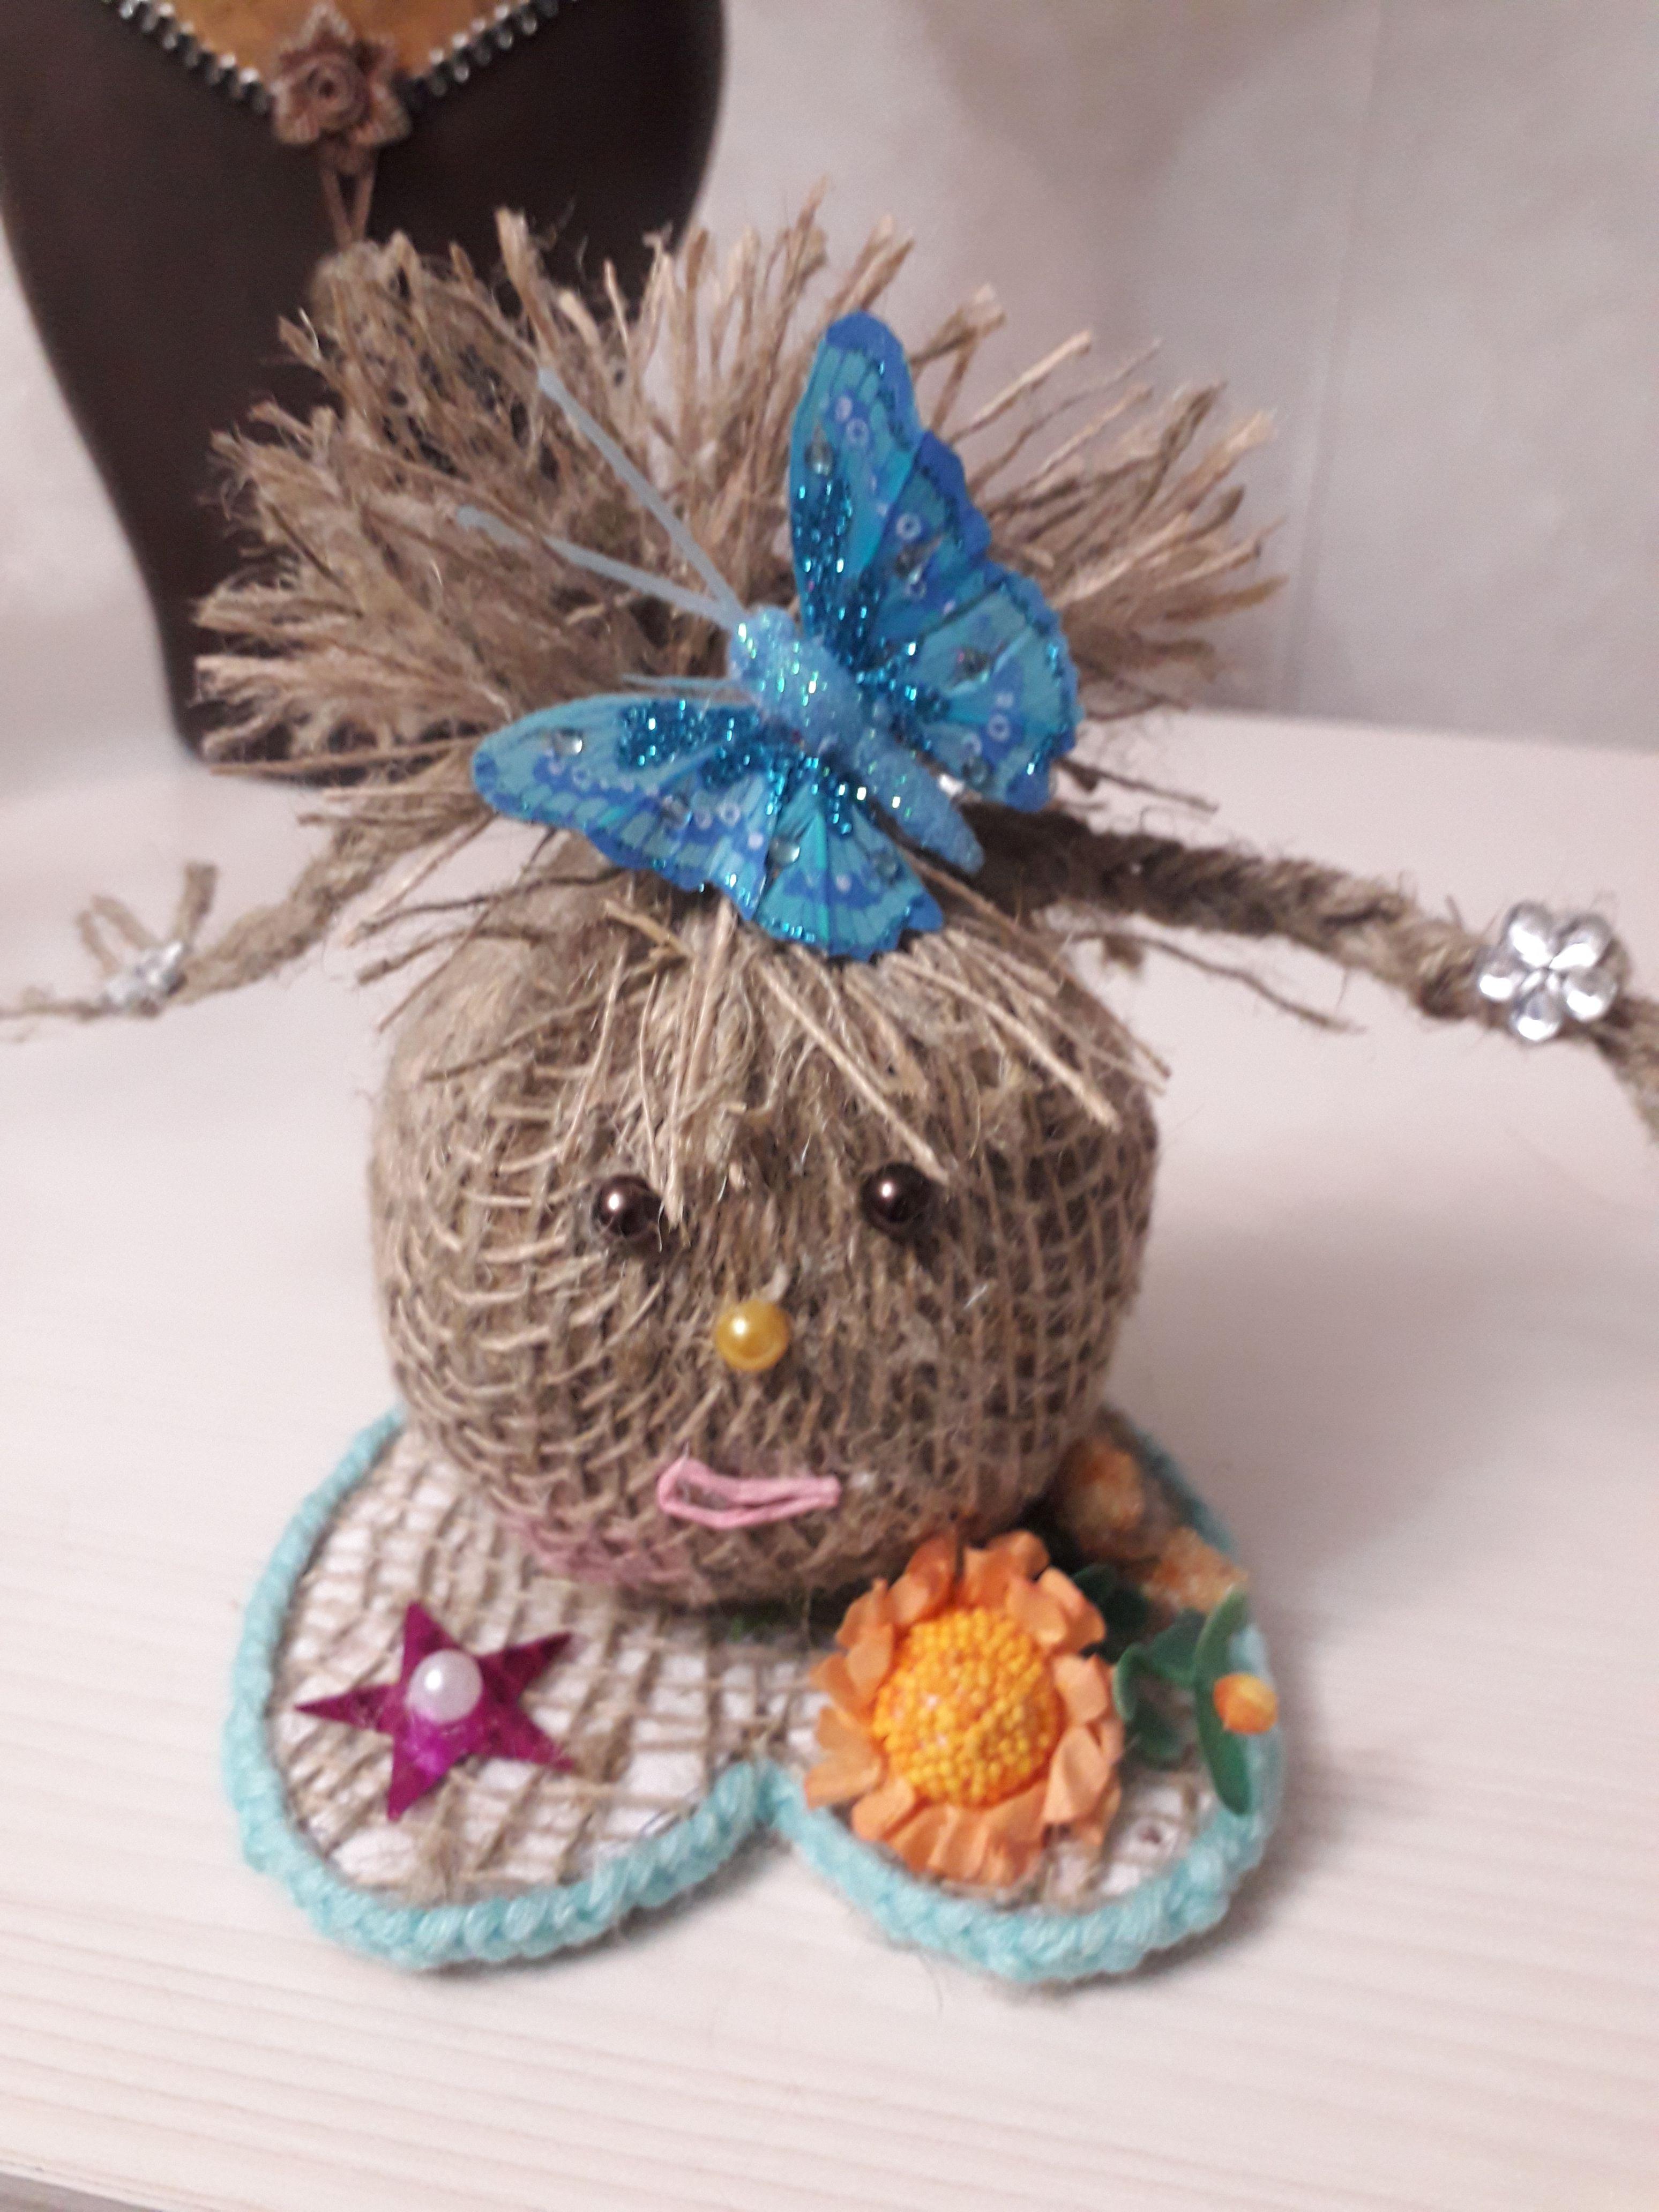 ручнаяработа игрушки подарок кукла домовушки новыйгод сувенир обереги игрушка куклы